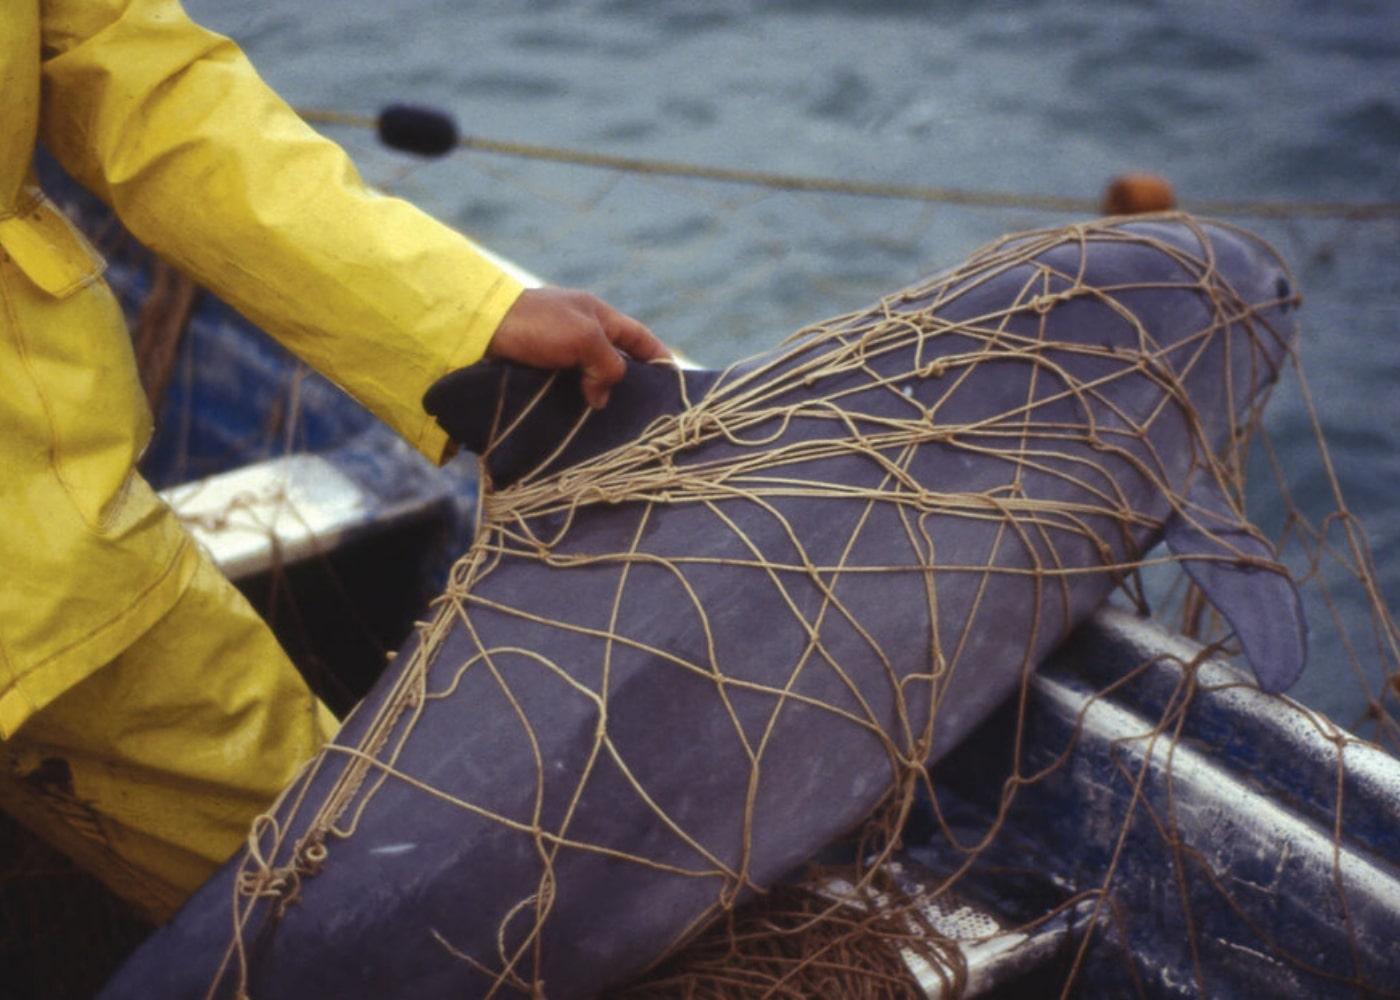 Morświn zaplątany w sieci. Fot. www.wwf.pl